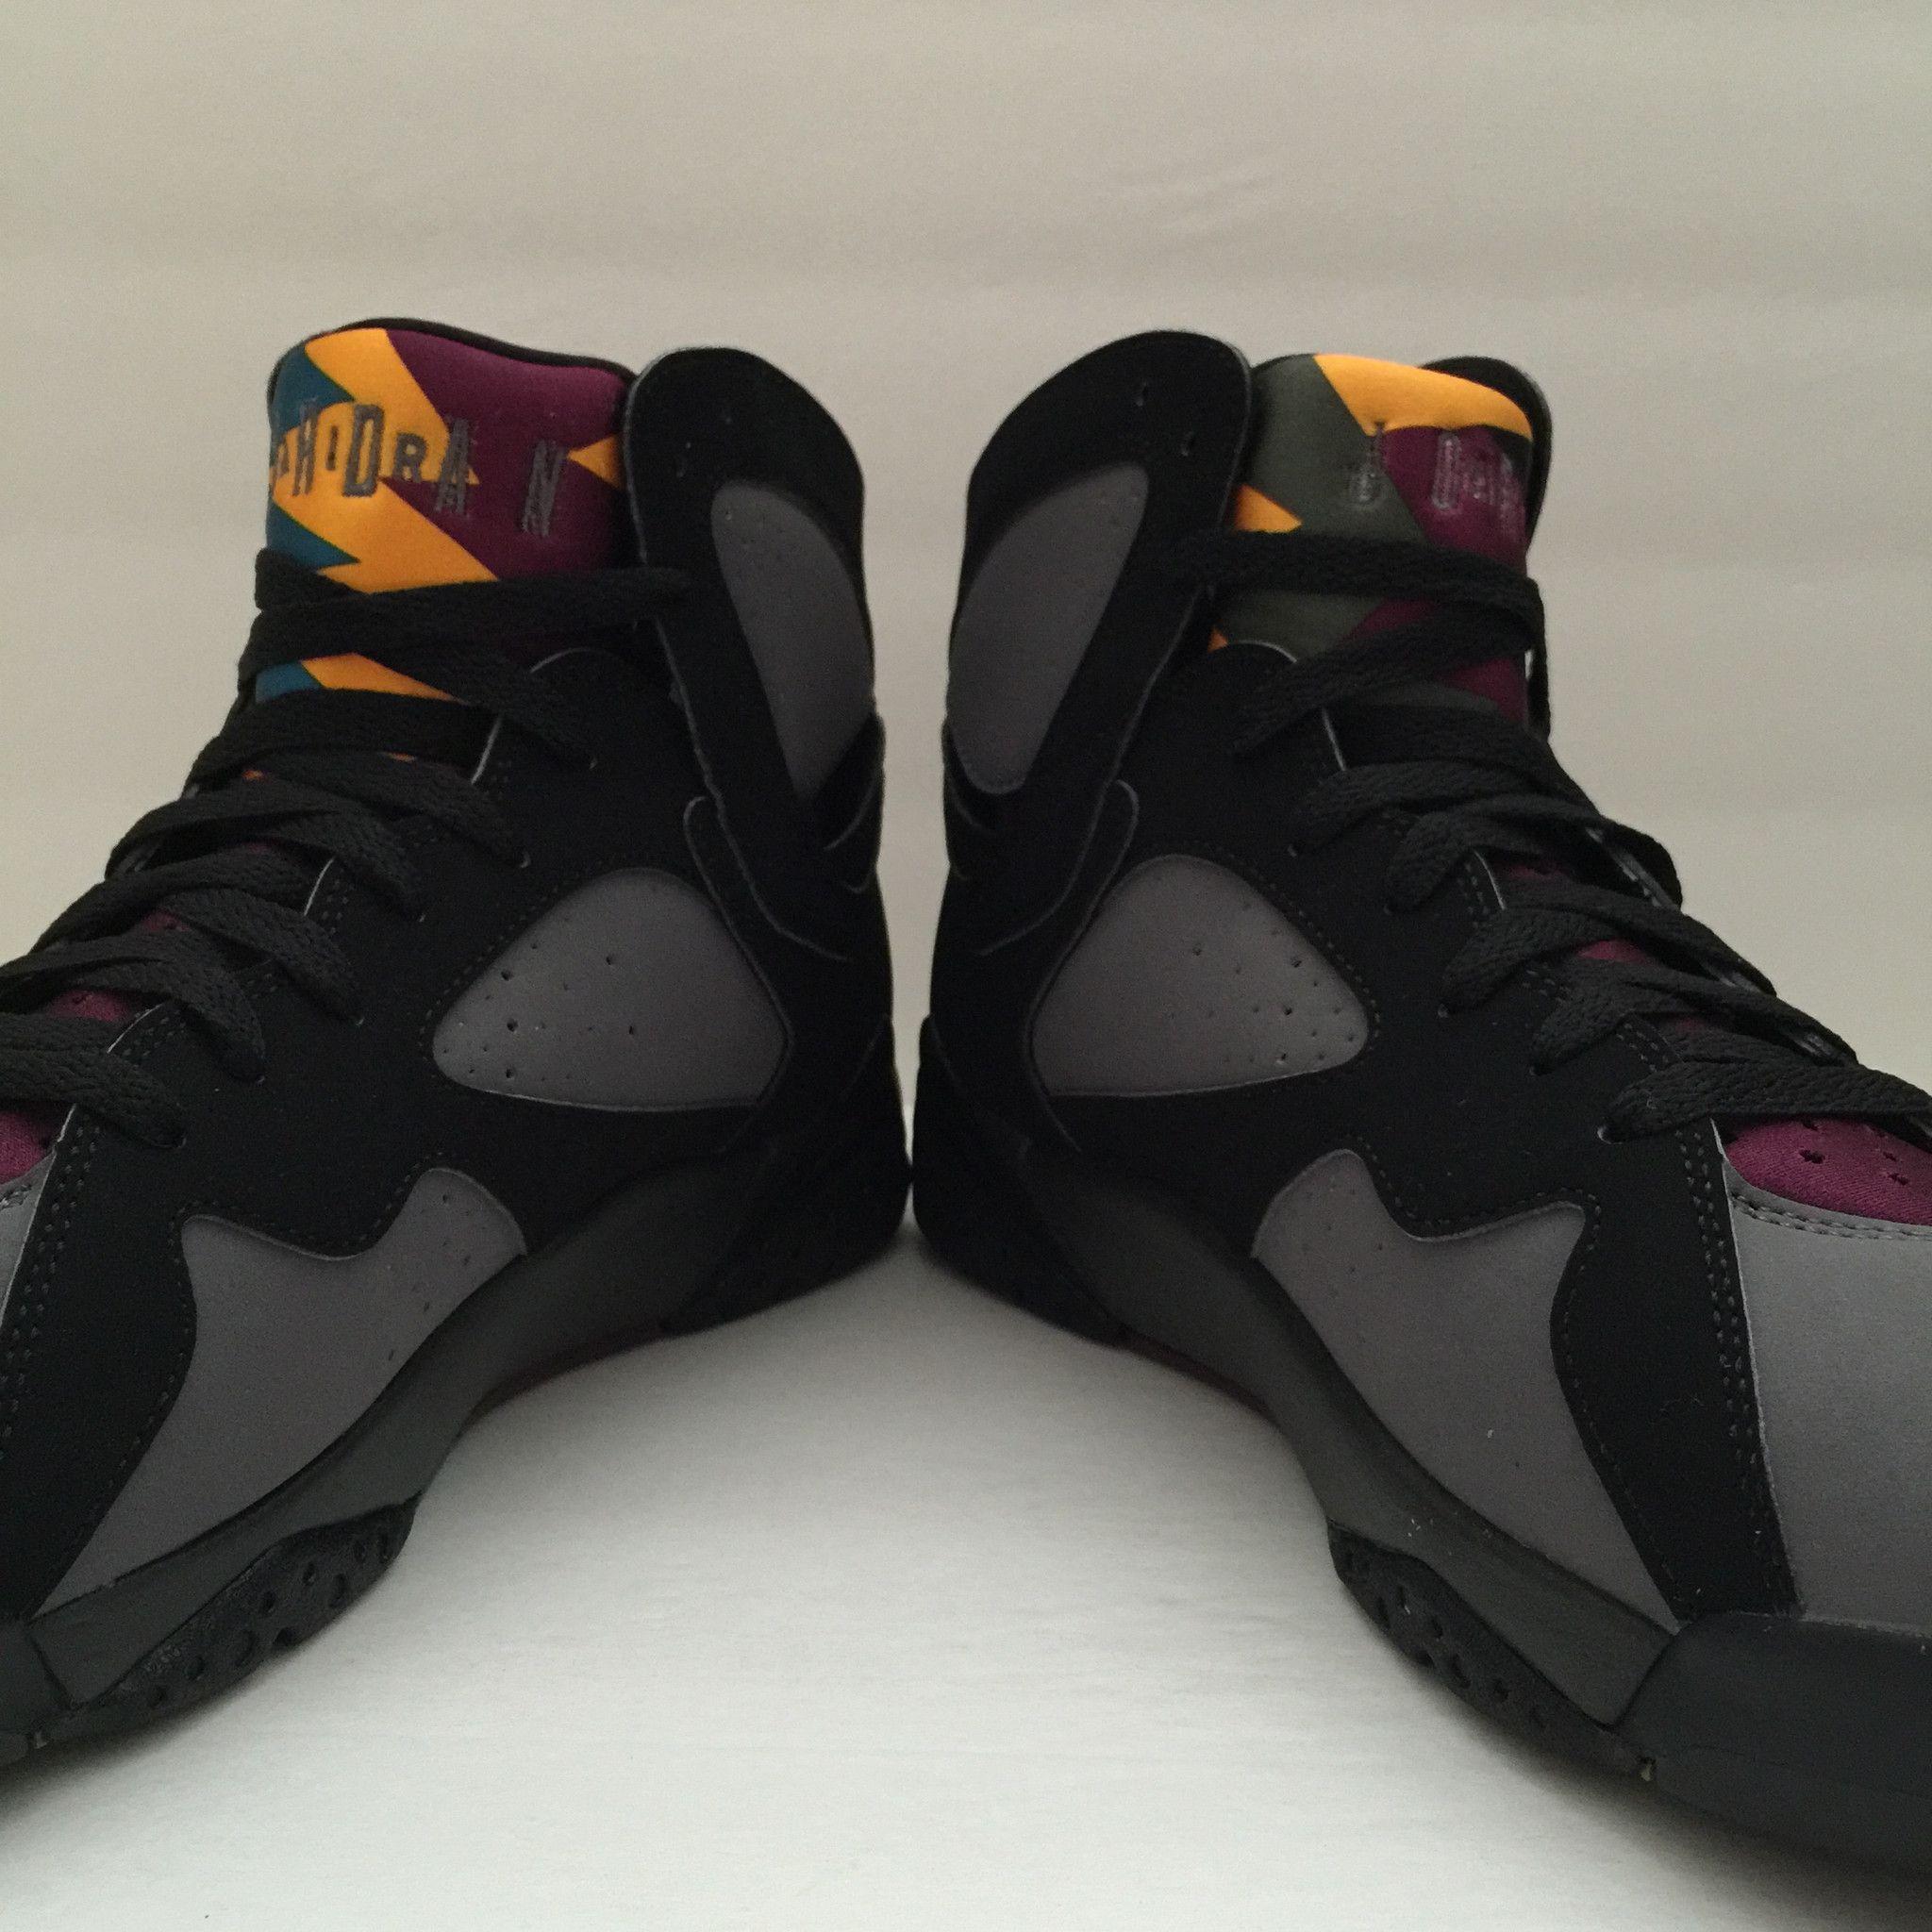 cheap for discount 292e0 41a6f DS Nike Air Jordan 7 VII Retro  BORDEAUX  Size 10  Size 11  Size 11.5  Size  12